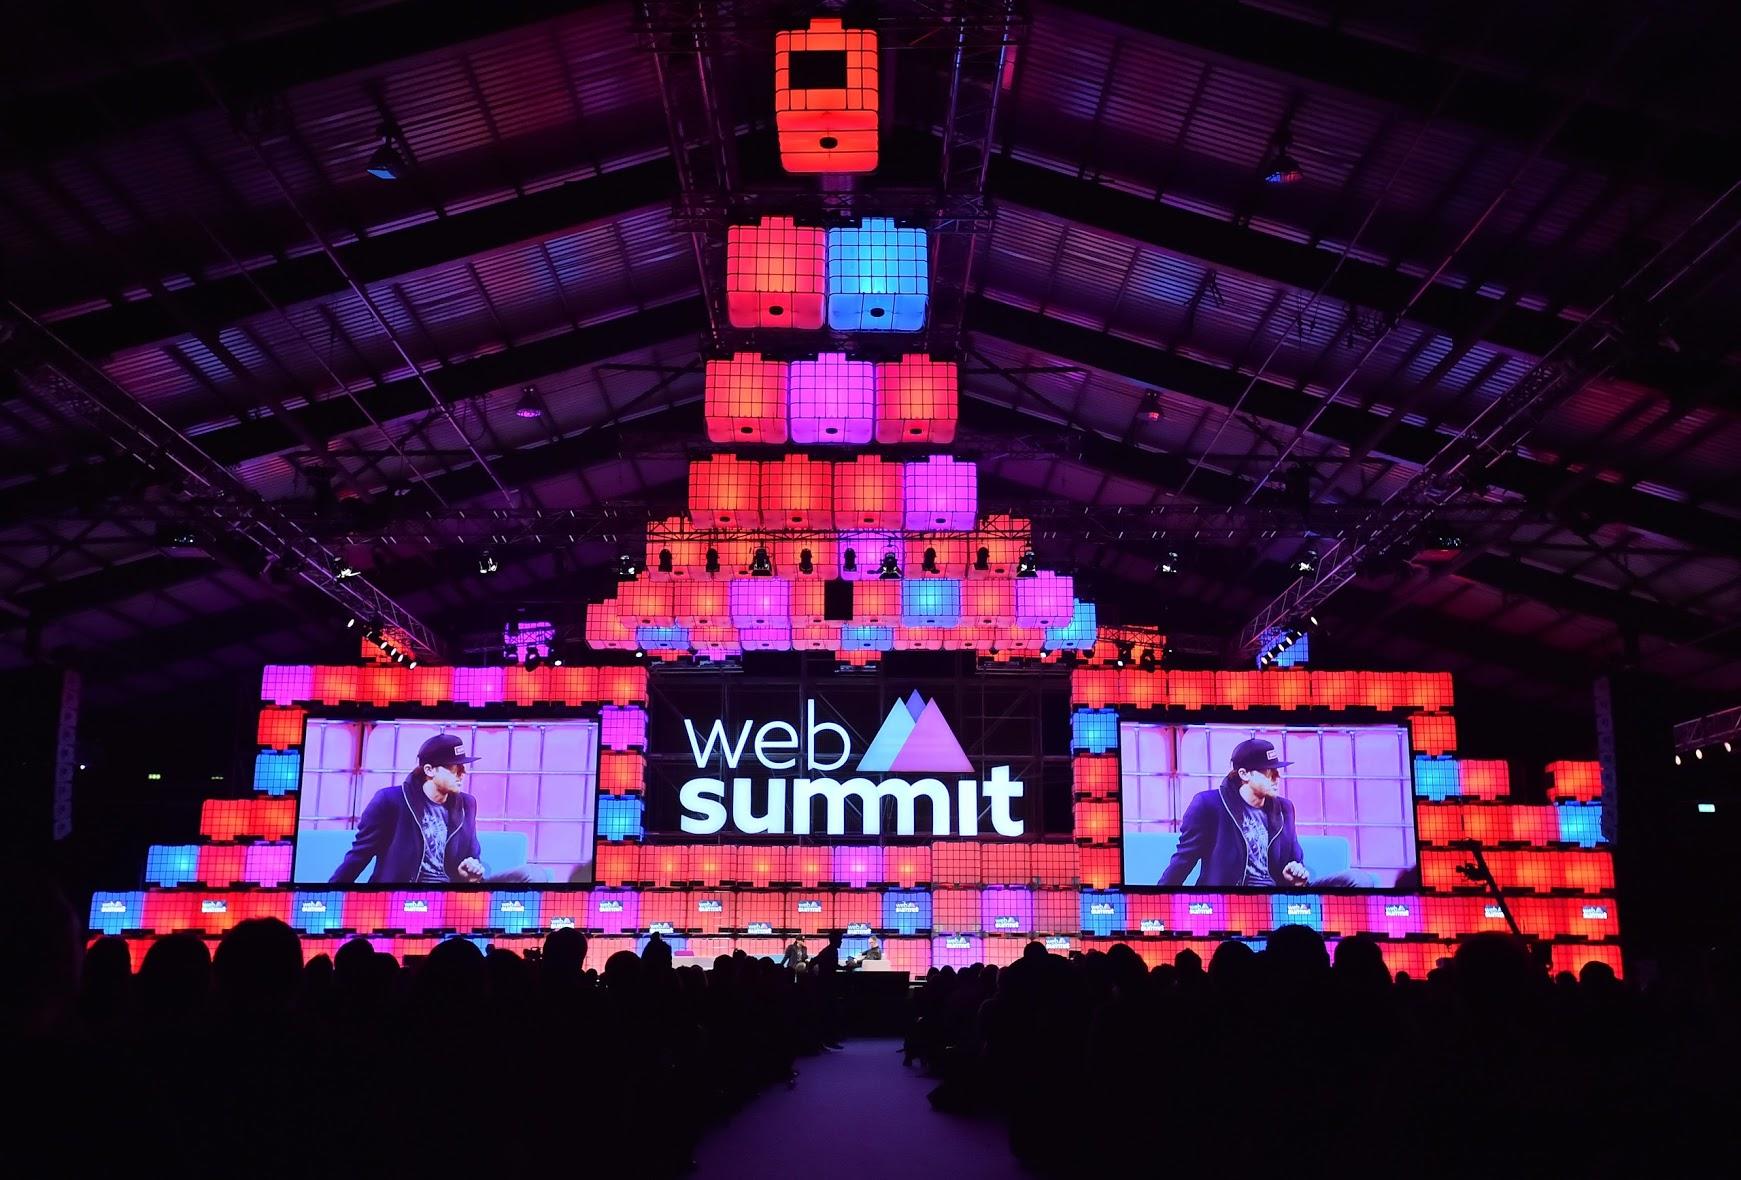 технологічний форум Web Summit